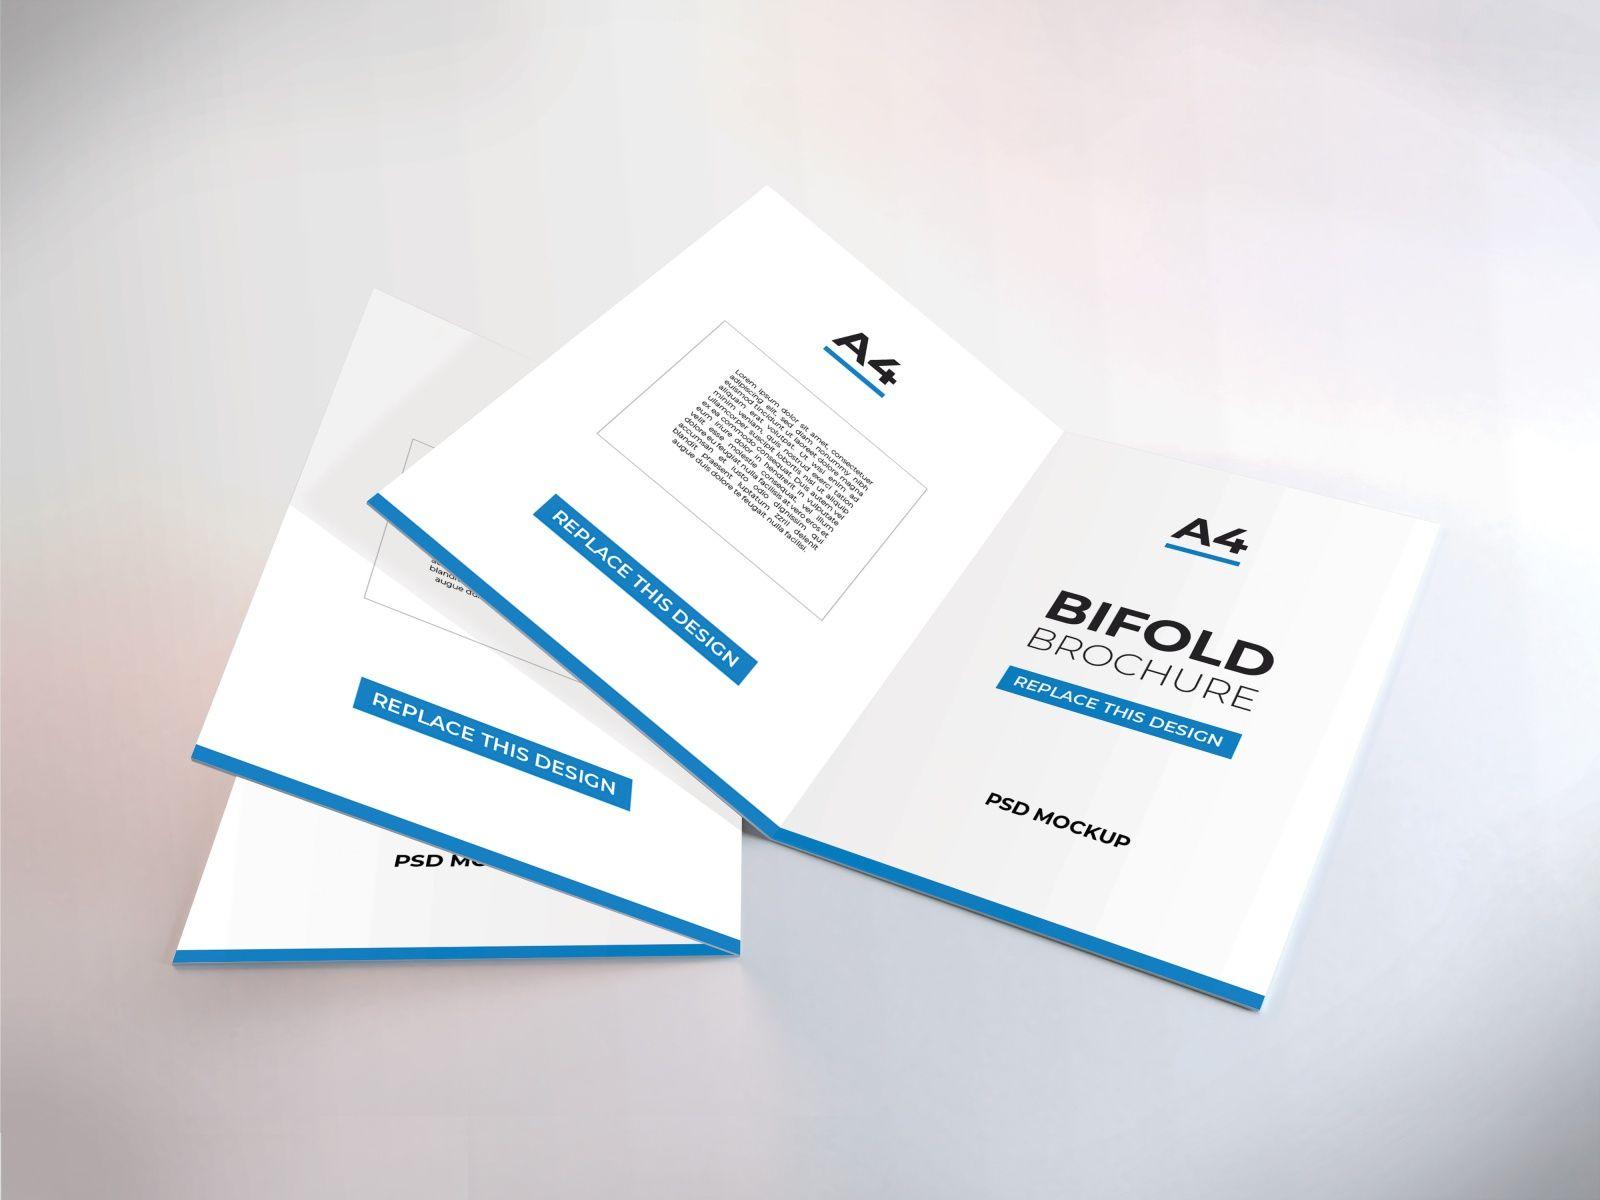 A4 Bifold Brochure Mockup Vol 3 Brochures Mockups Mockup Template Trifold Brochure Template